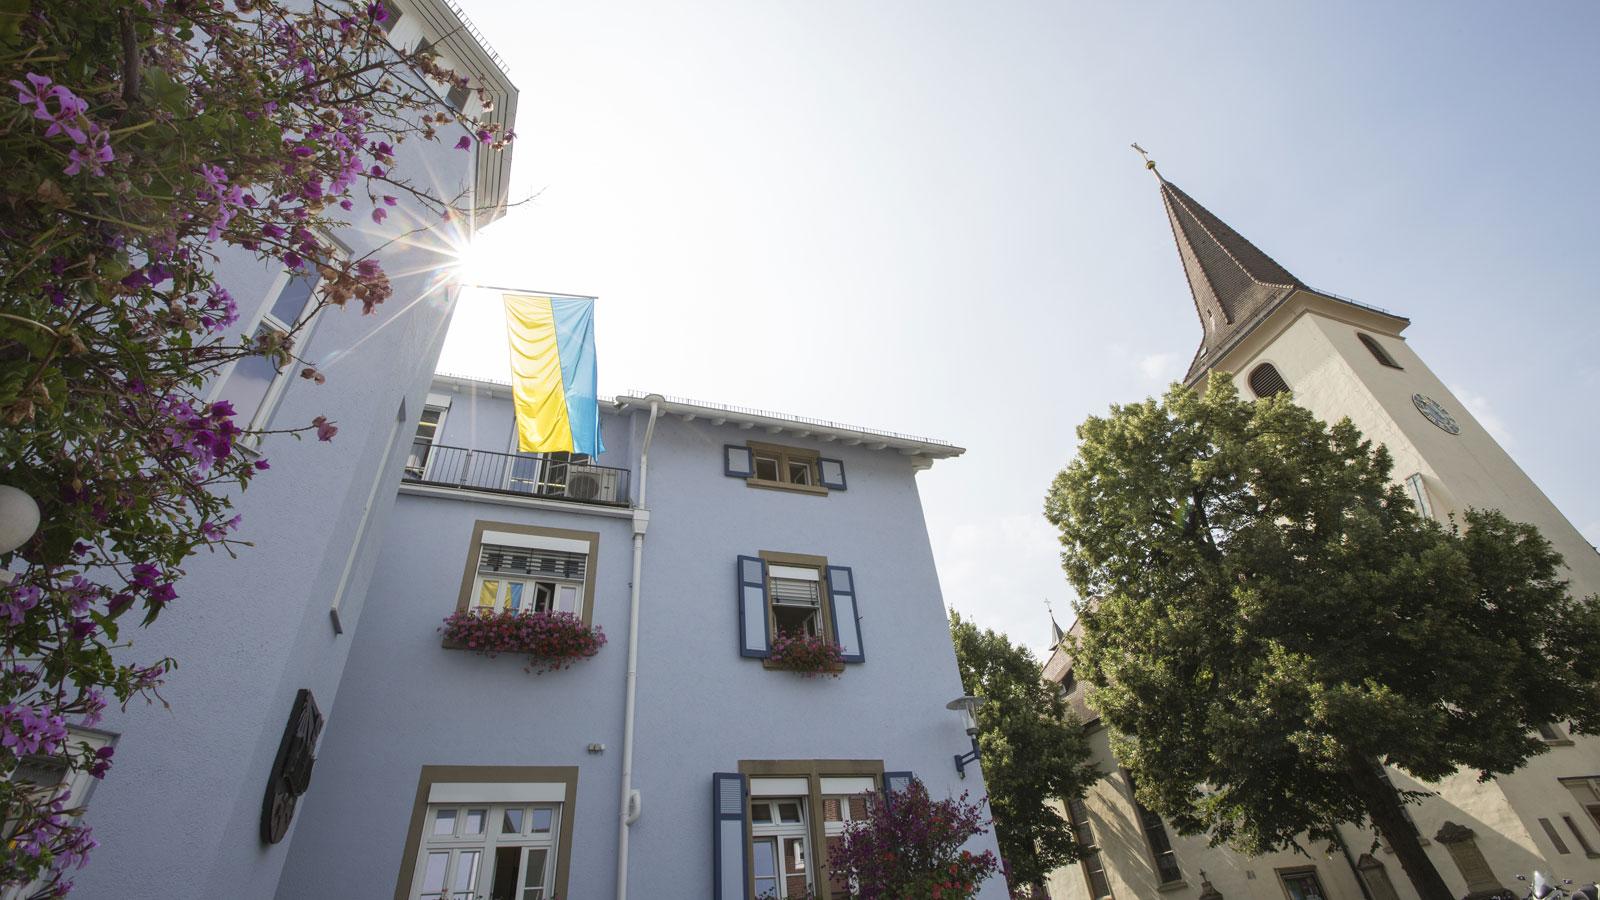 Rathaus Bad Krozingen